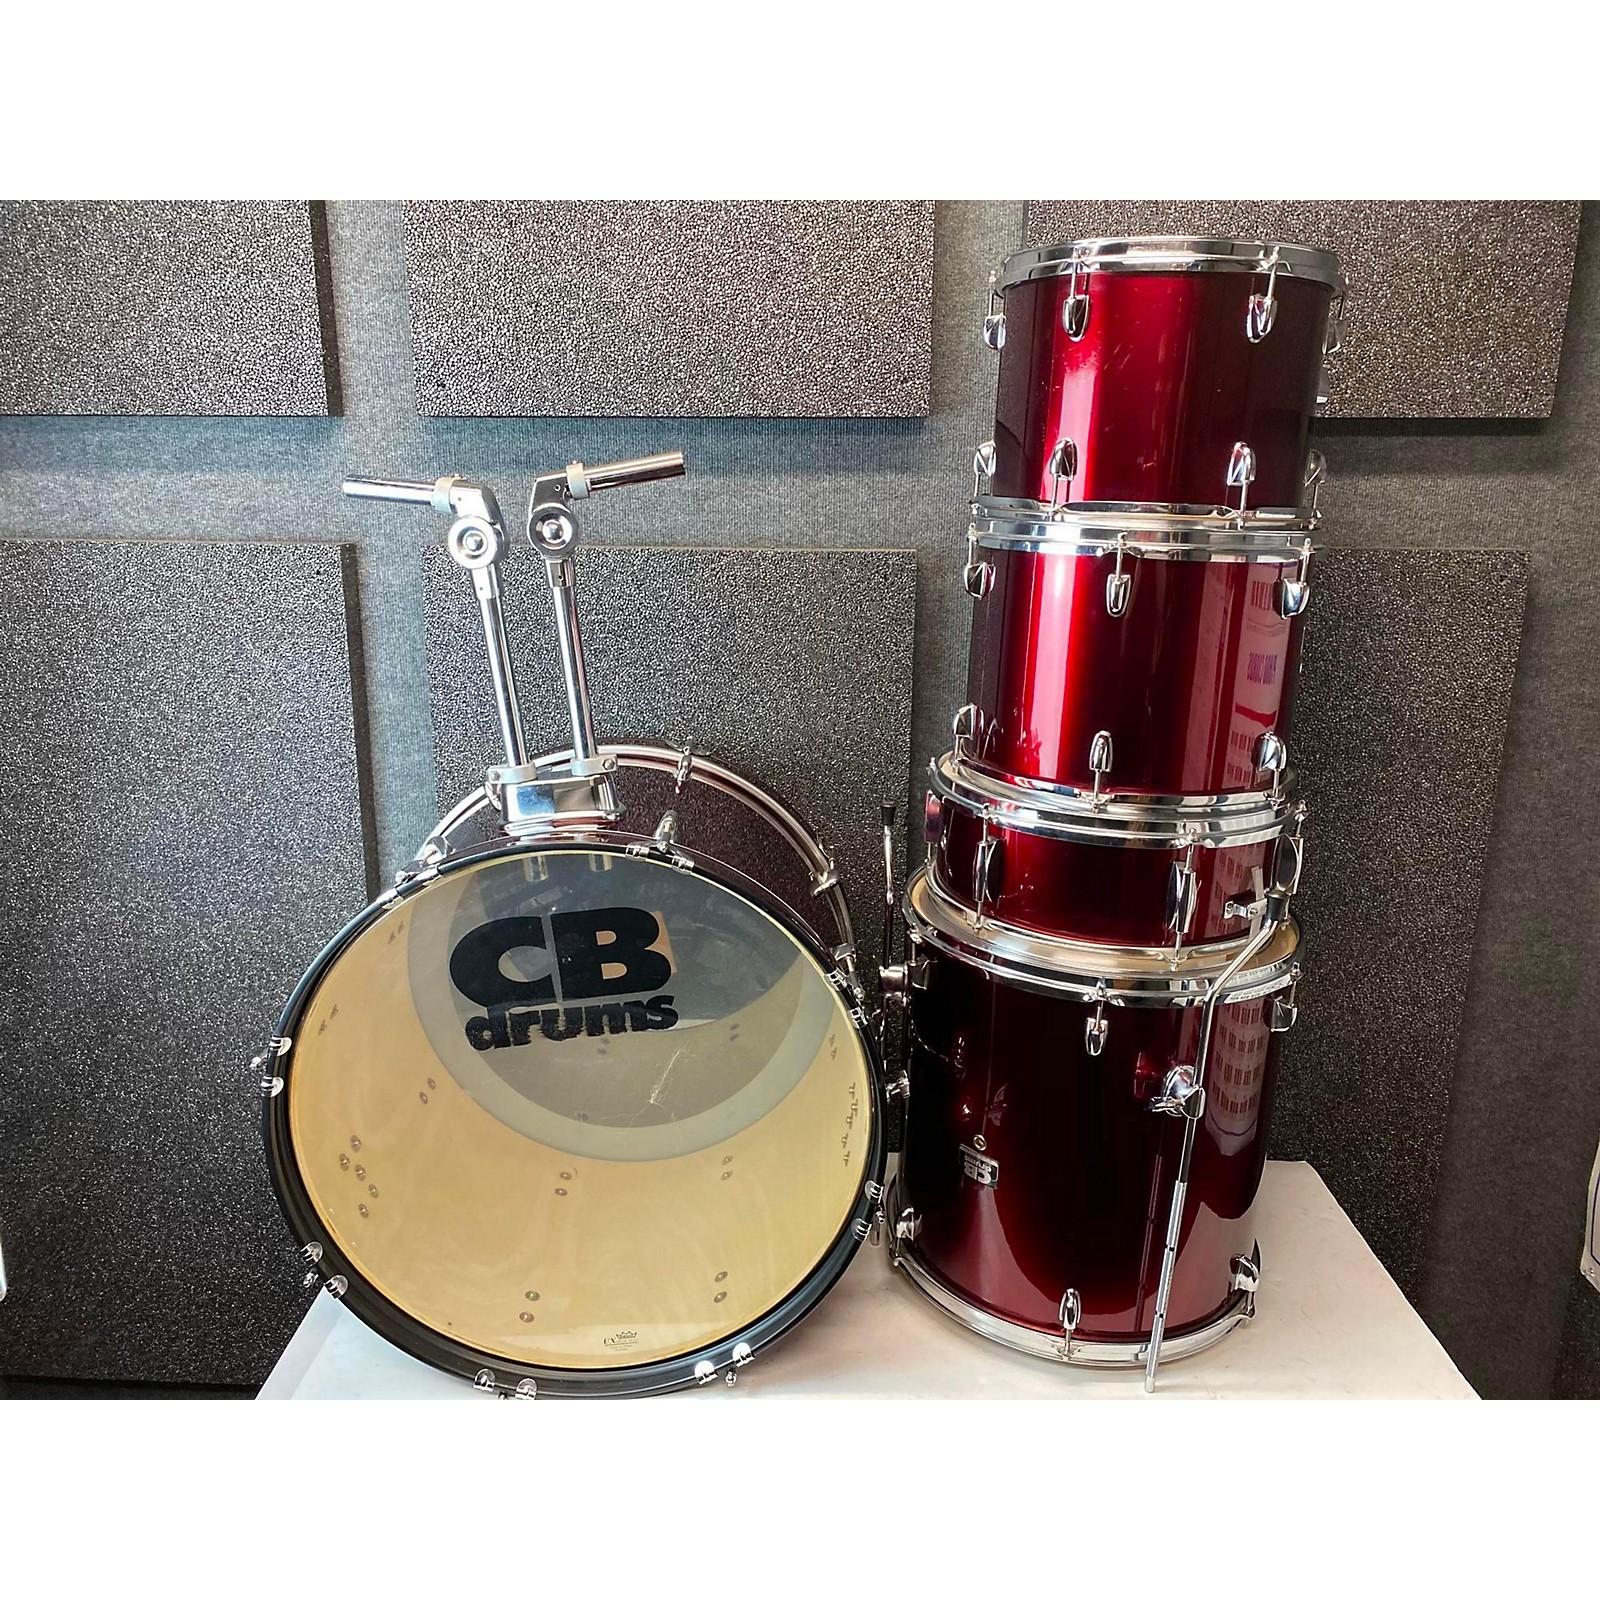 CP SP SERIES Drum Kit